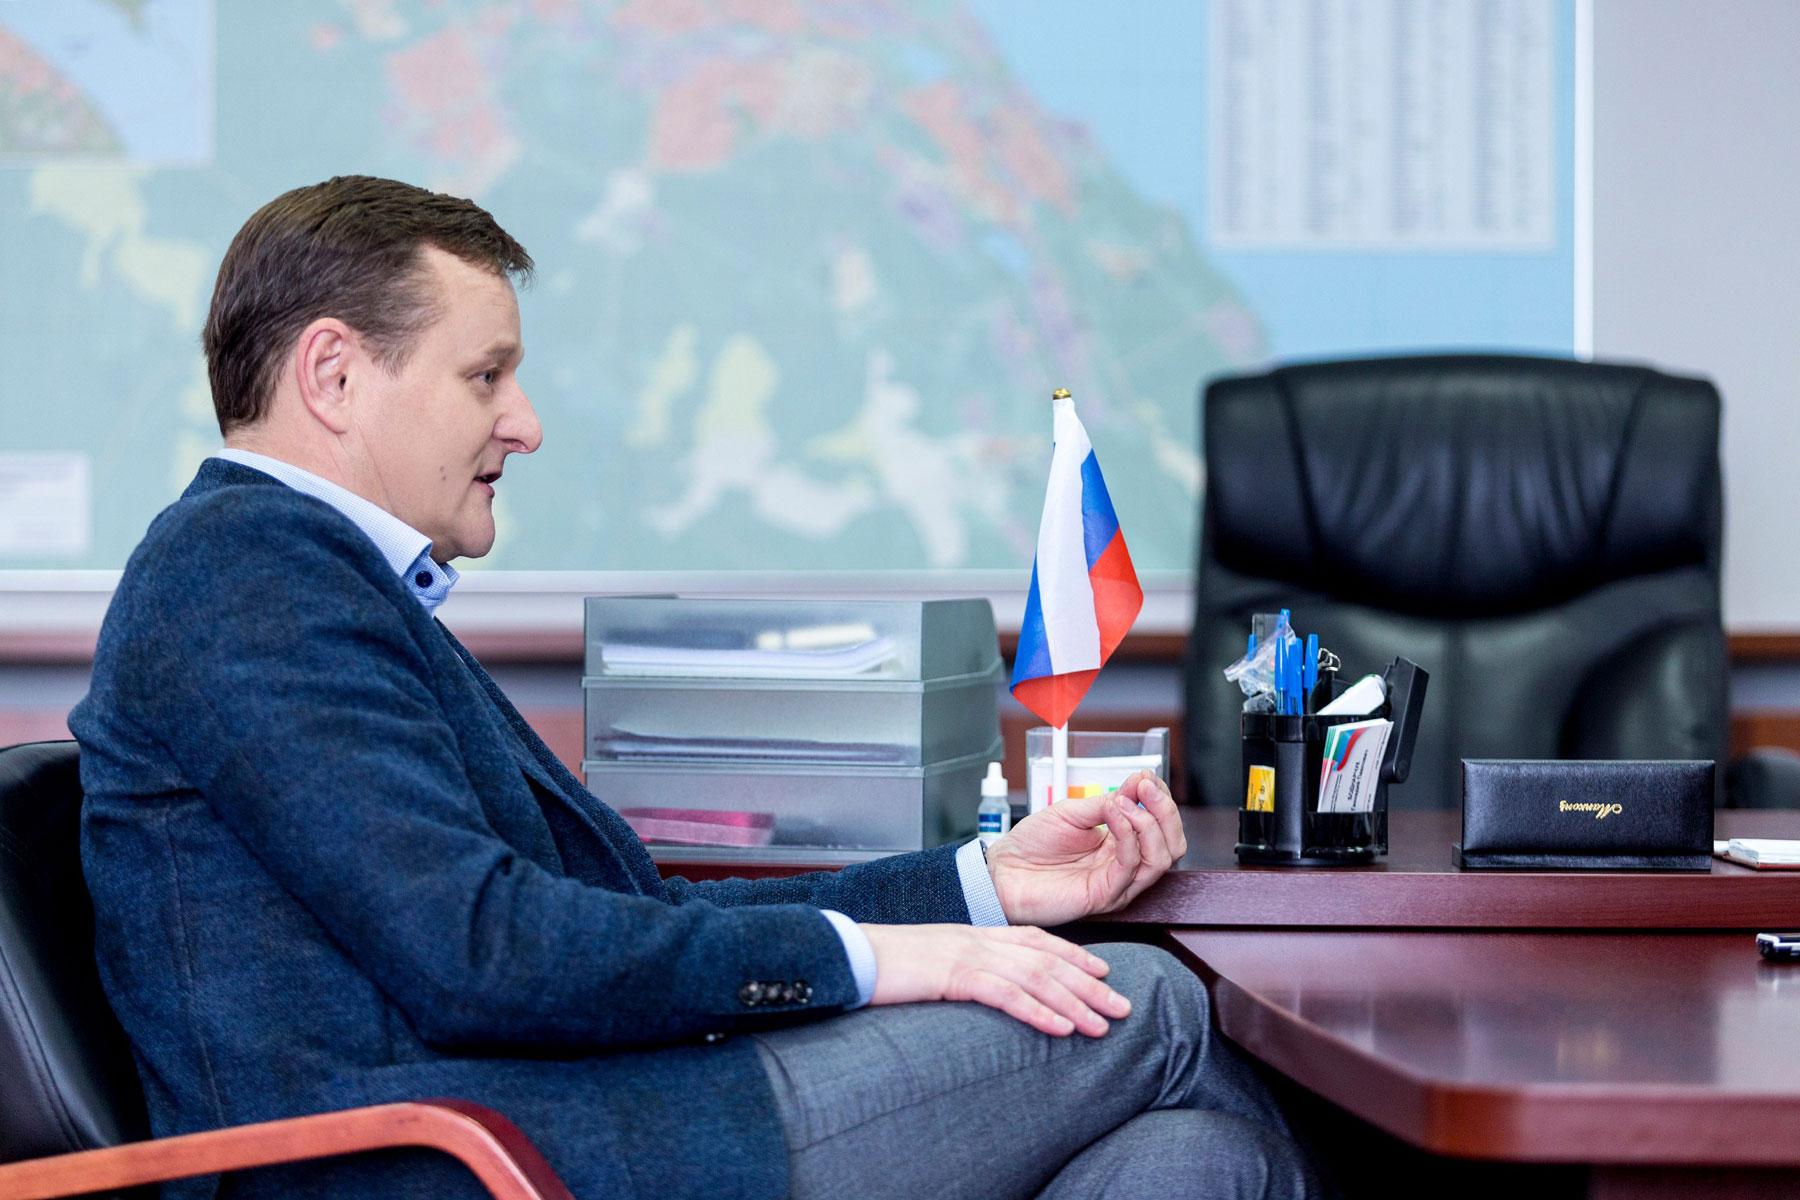 Геннадий Боднарчук: «С населением должна быть двусторонняя связь»